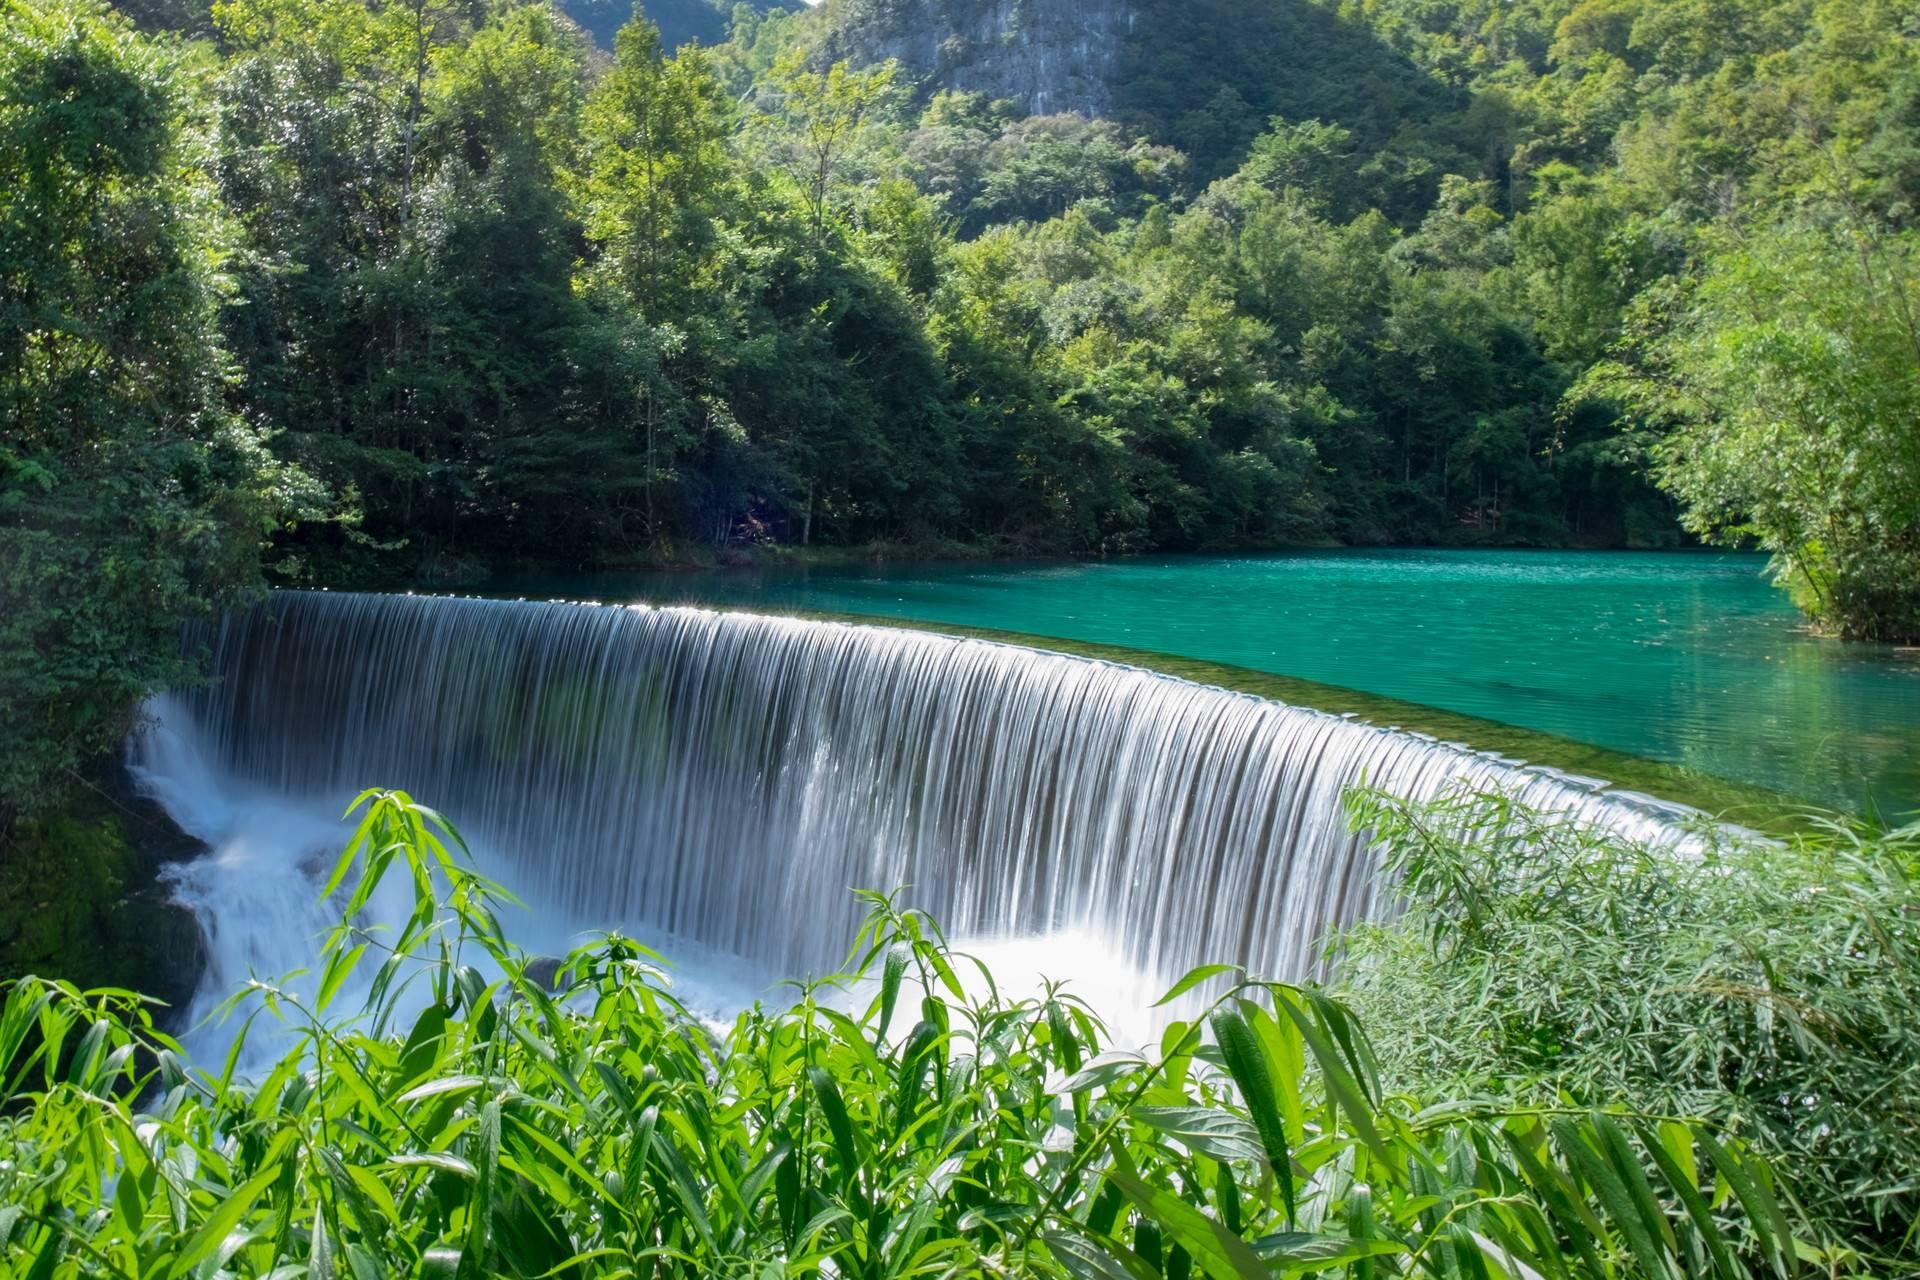 【奇遇太行】山西·挂壁公路+陕西黄河壶口瀑布+河南黑龙潭瀑布·6天5晚